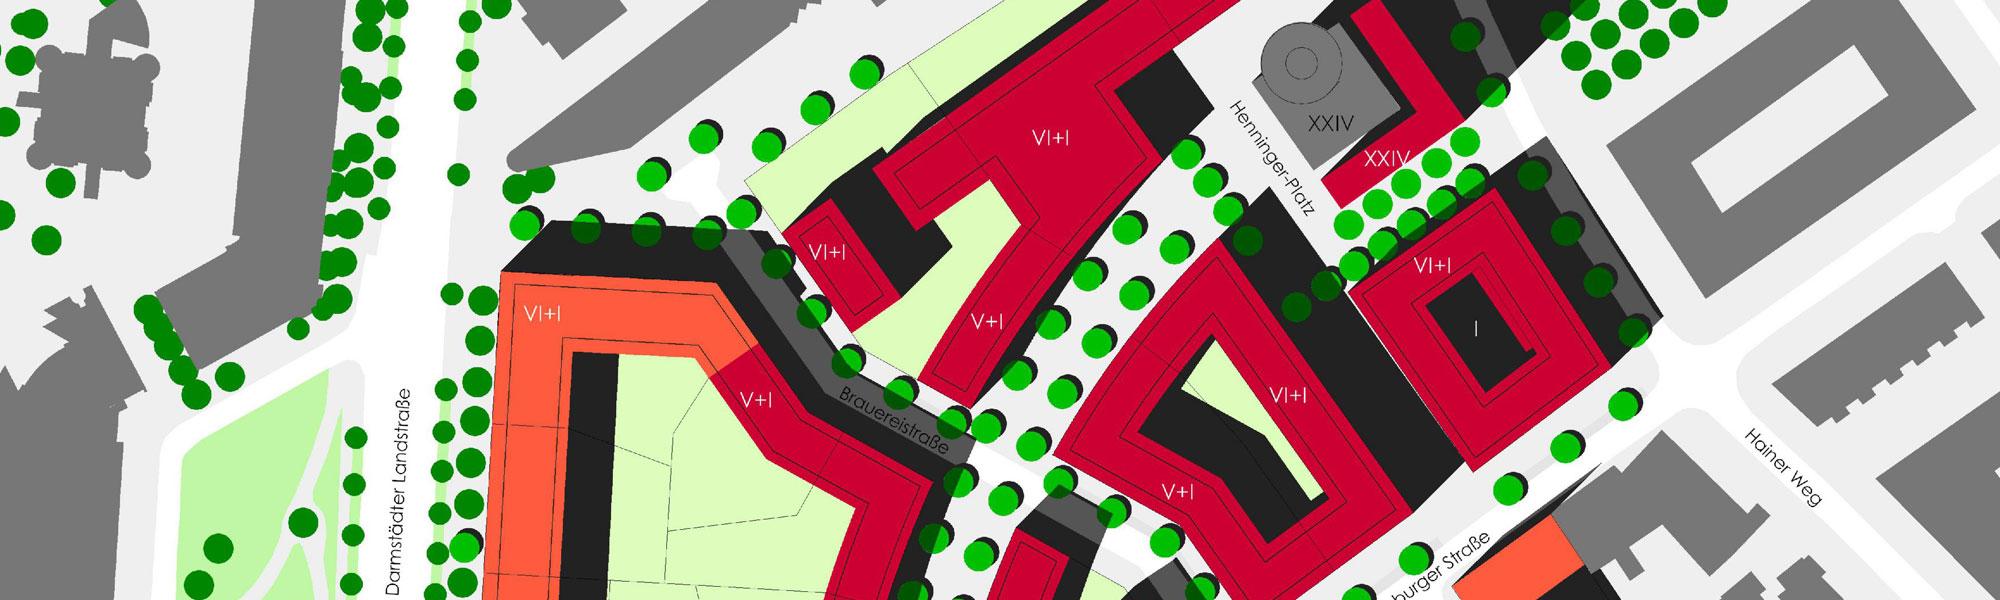 Titelbild Binding-Quartier Frankfurt: Ausschnitt Lageplan